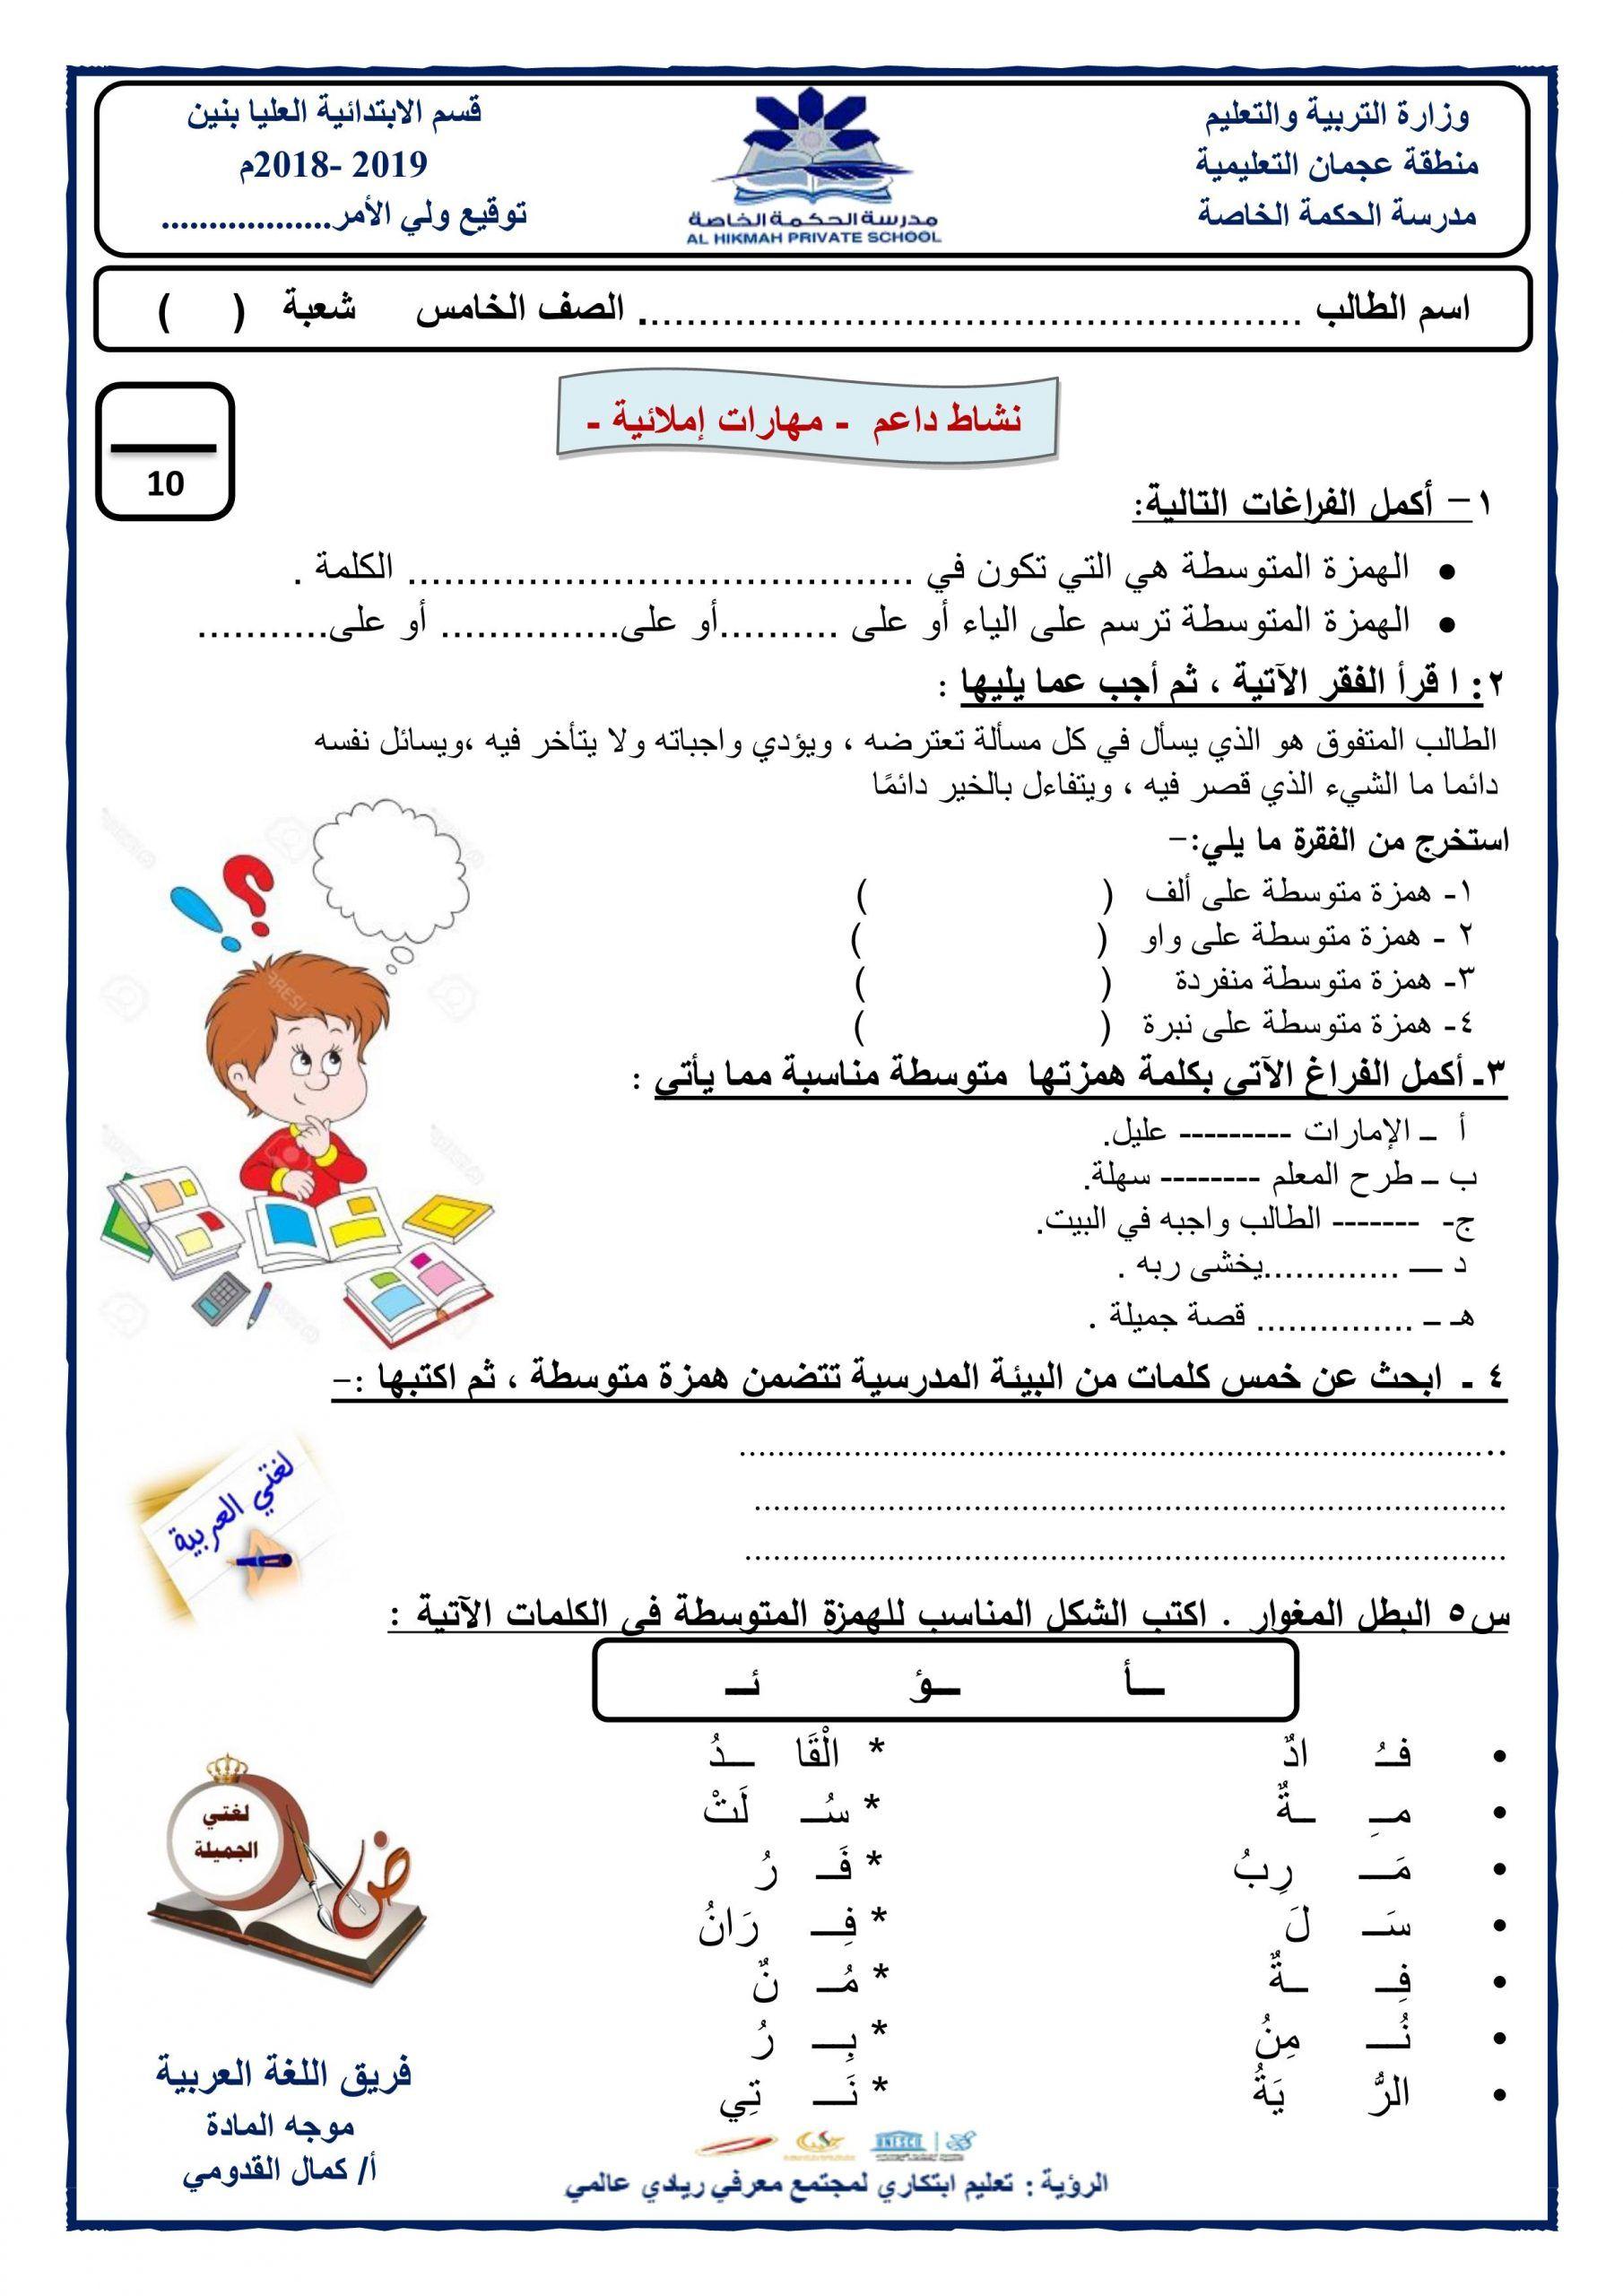 ورقة عمل المهارات الاملائية نشاط داعم للصف الخامس مادة اللغة العربية Map Map Screenshot